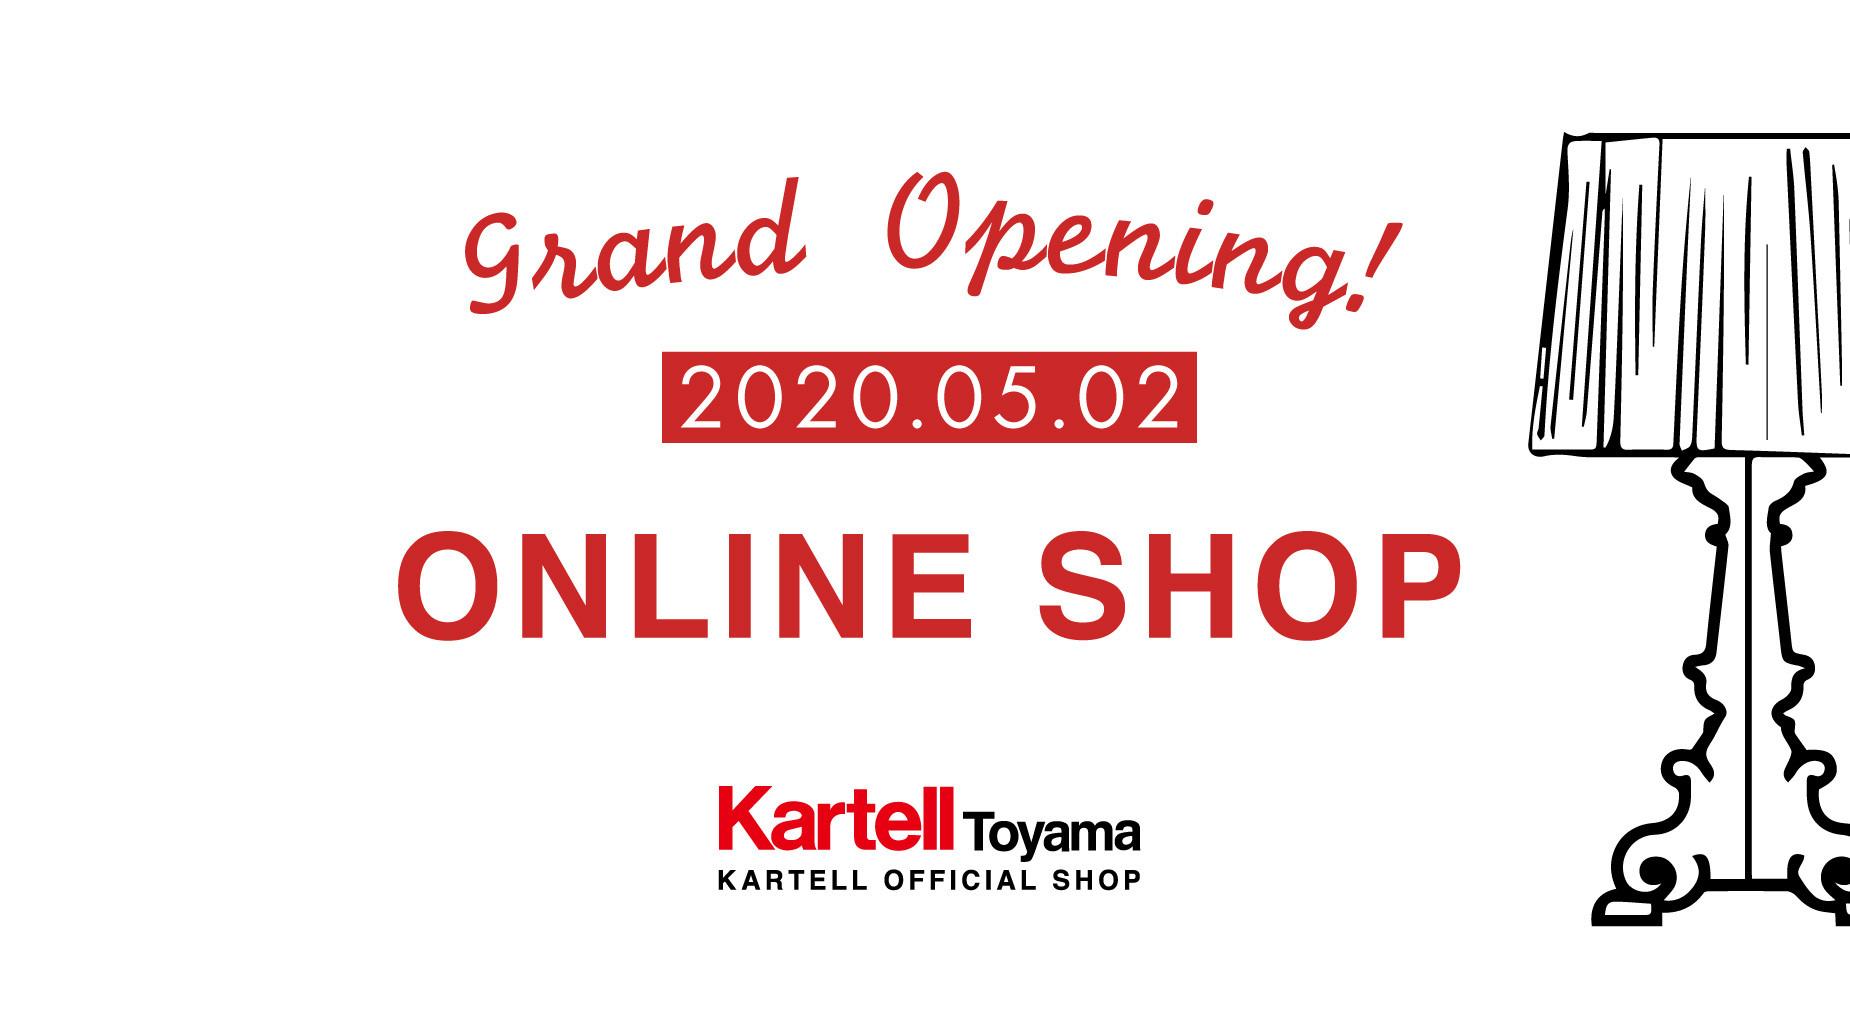 kartell-banner_02-02.jpg